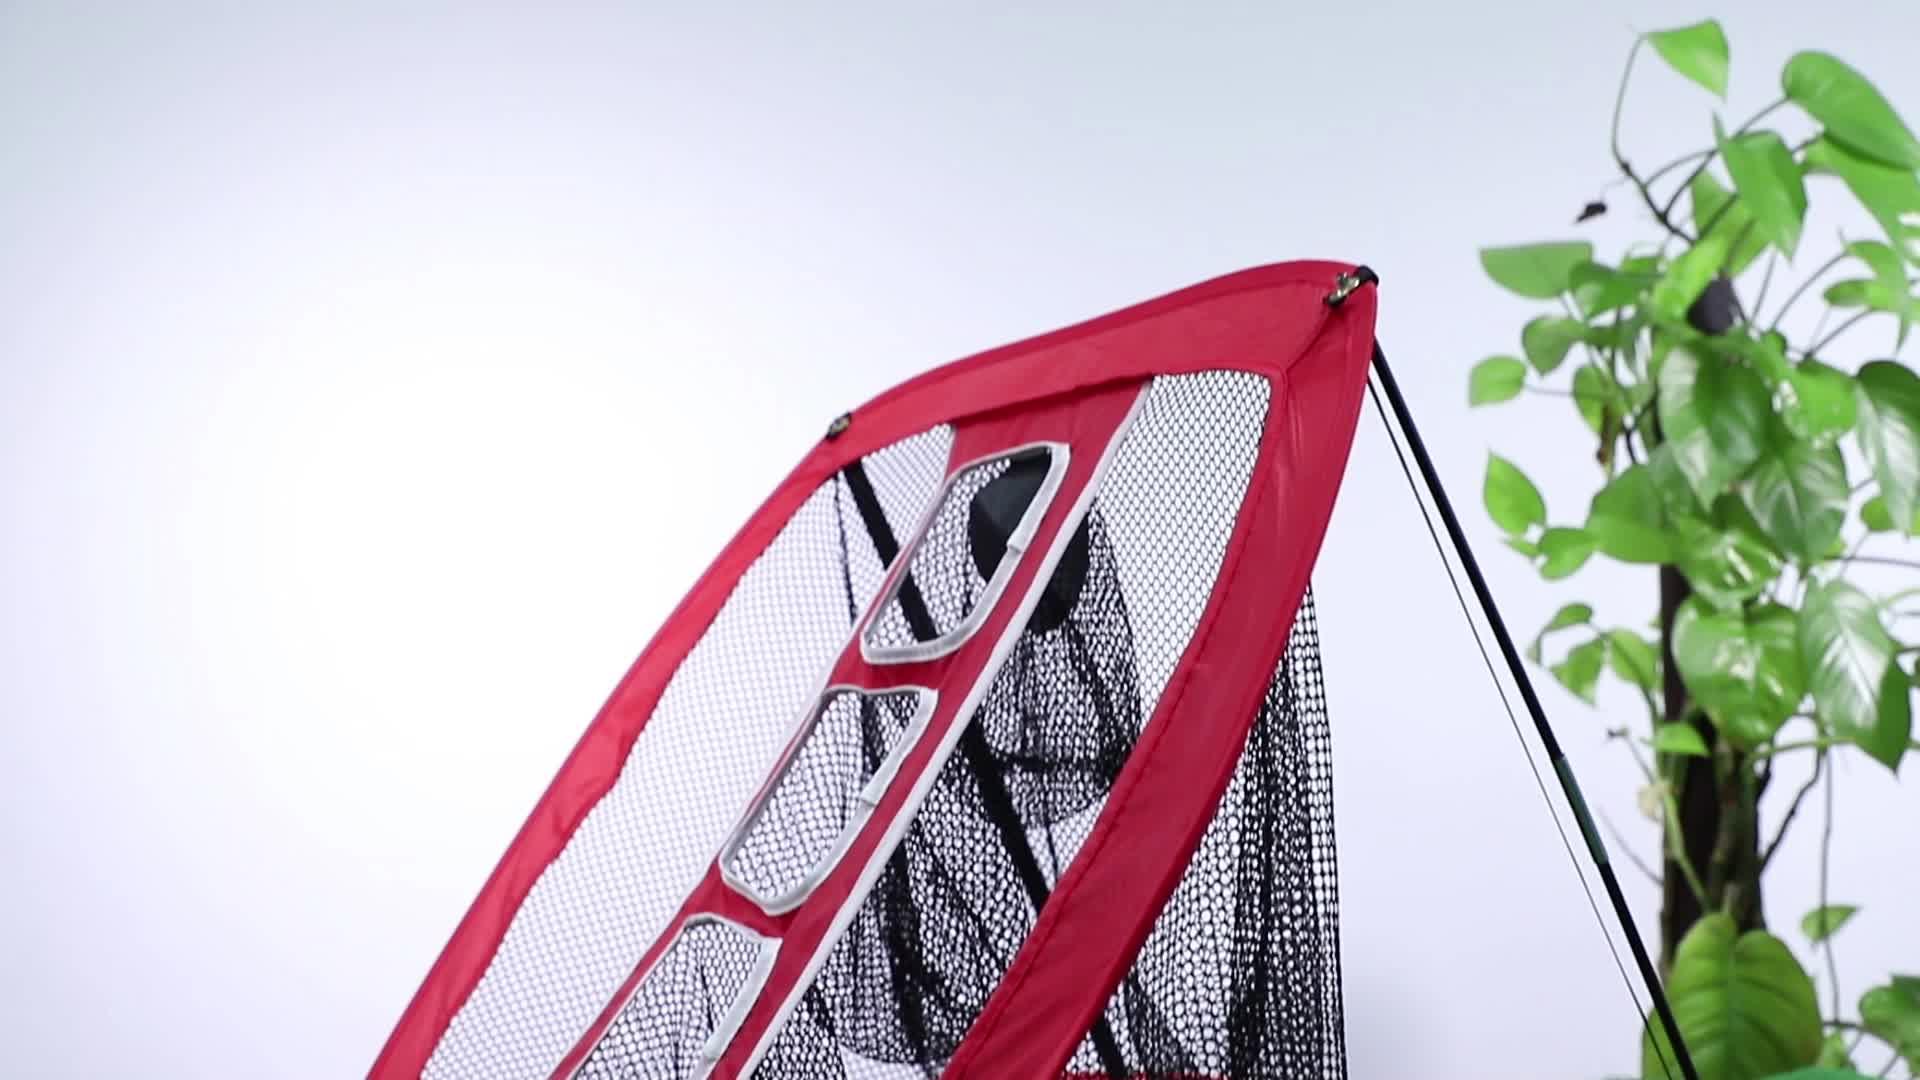 AretuesPop Up Golf Net Lascar Interior Acessórios Quintal OutdoorTarget Precisão a Prática Do Swing Grandes Presentes das mulheres Dos Homens crianças